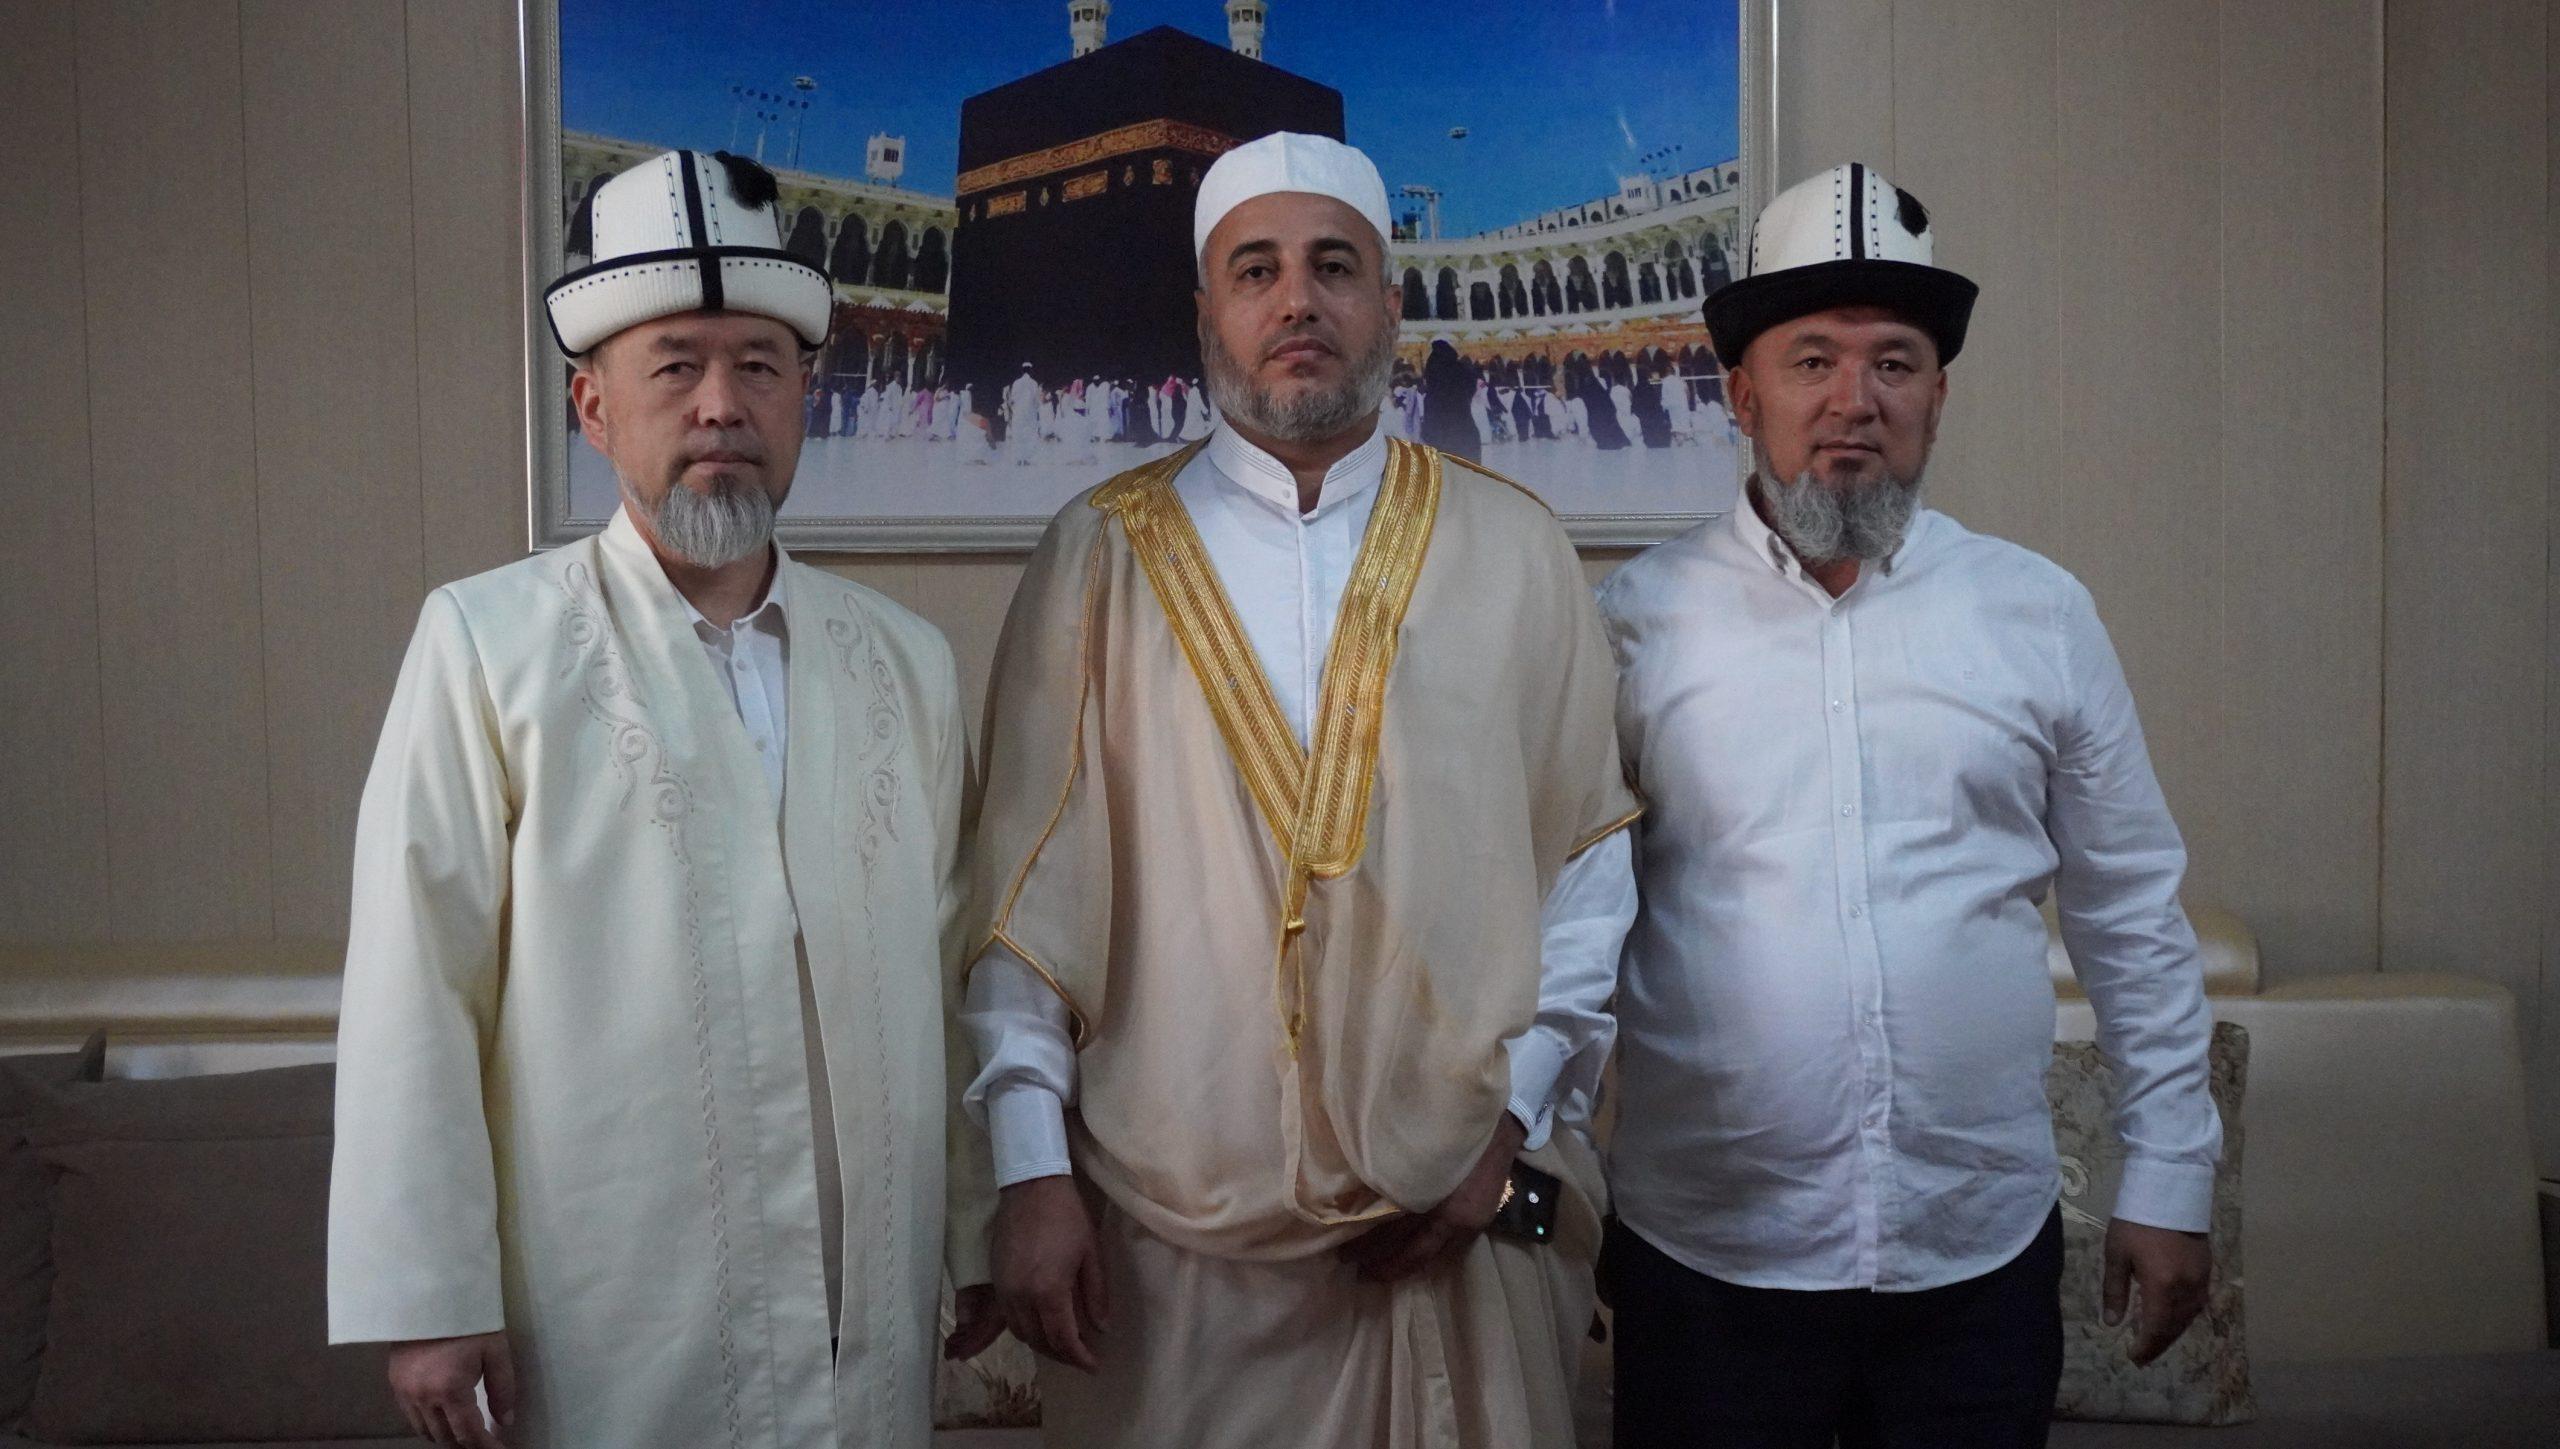 Бишкек шаарынын Борбордук мечитте Иордания мамлекетинен келген Доктор Салах Абул Хааж «Ханафи мазхабы» боюнча сабак өттү